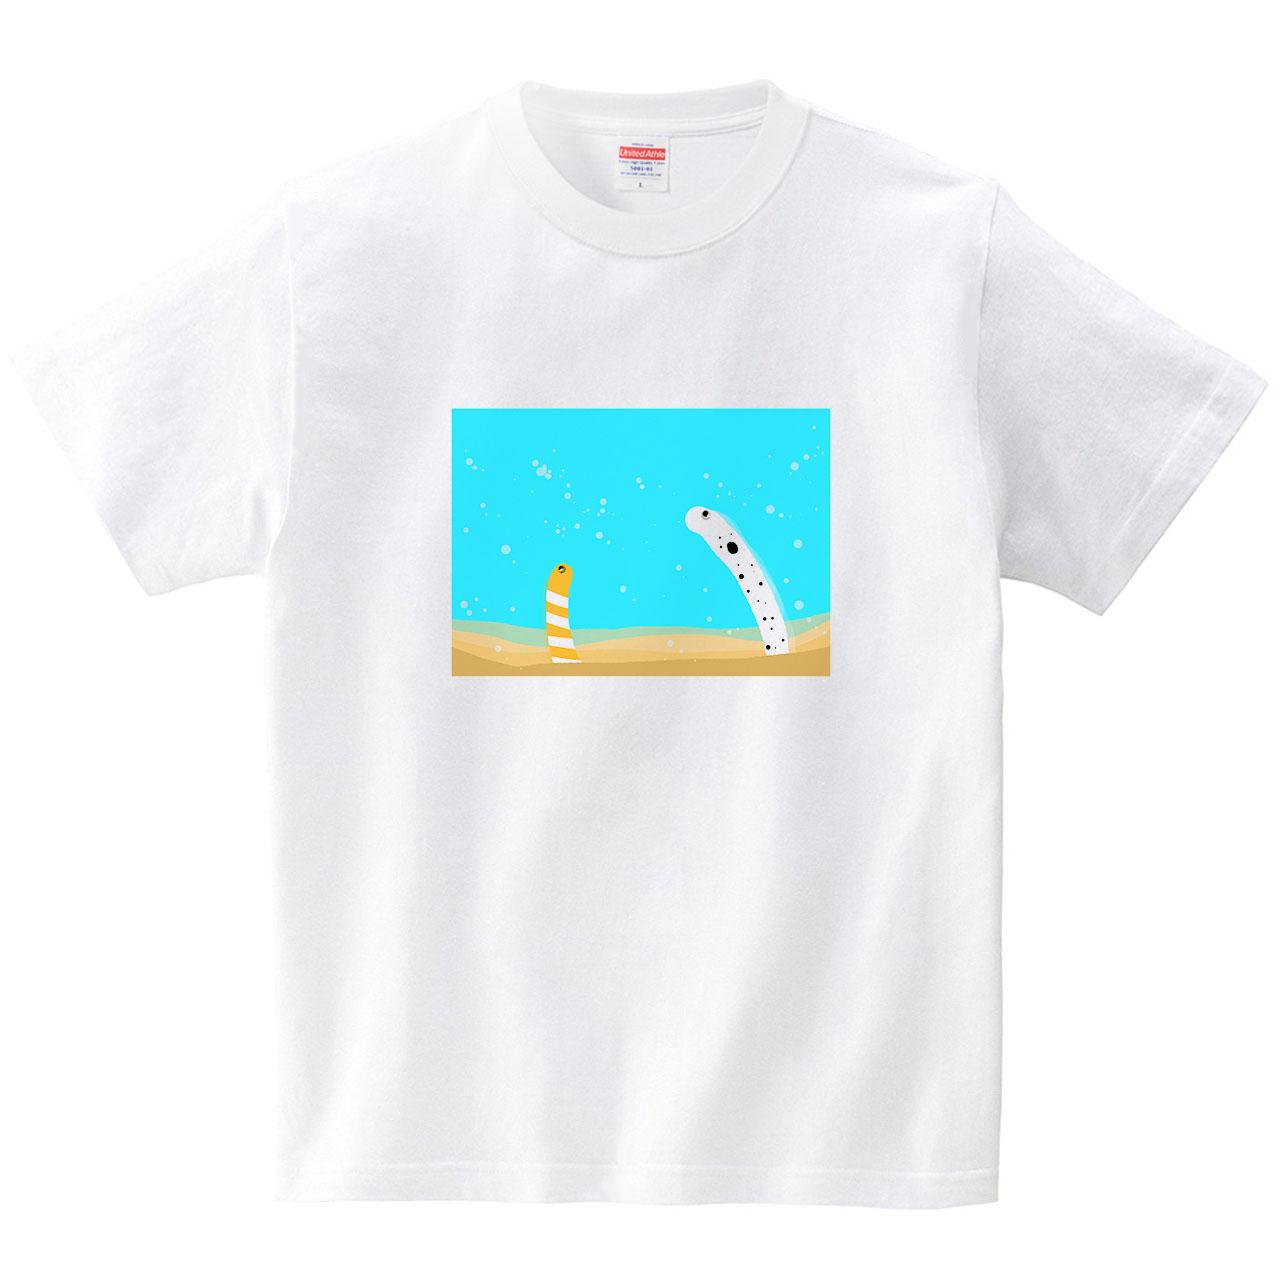 ちんあなご・にしきあなご(Tシャツ)(Tシャツ・ホワイト)(あおまんぼう)